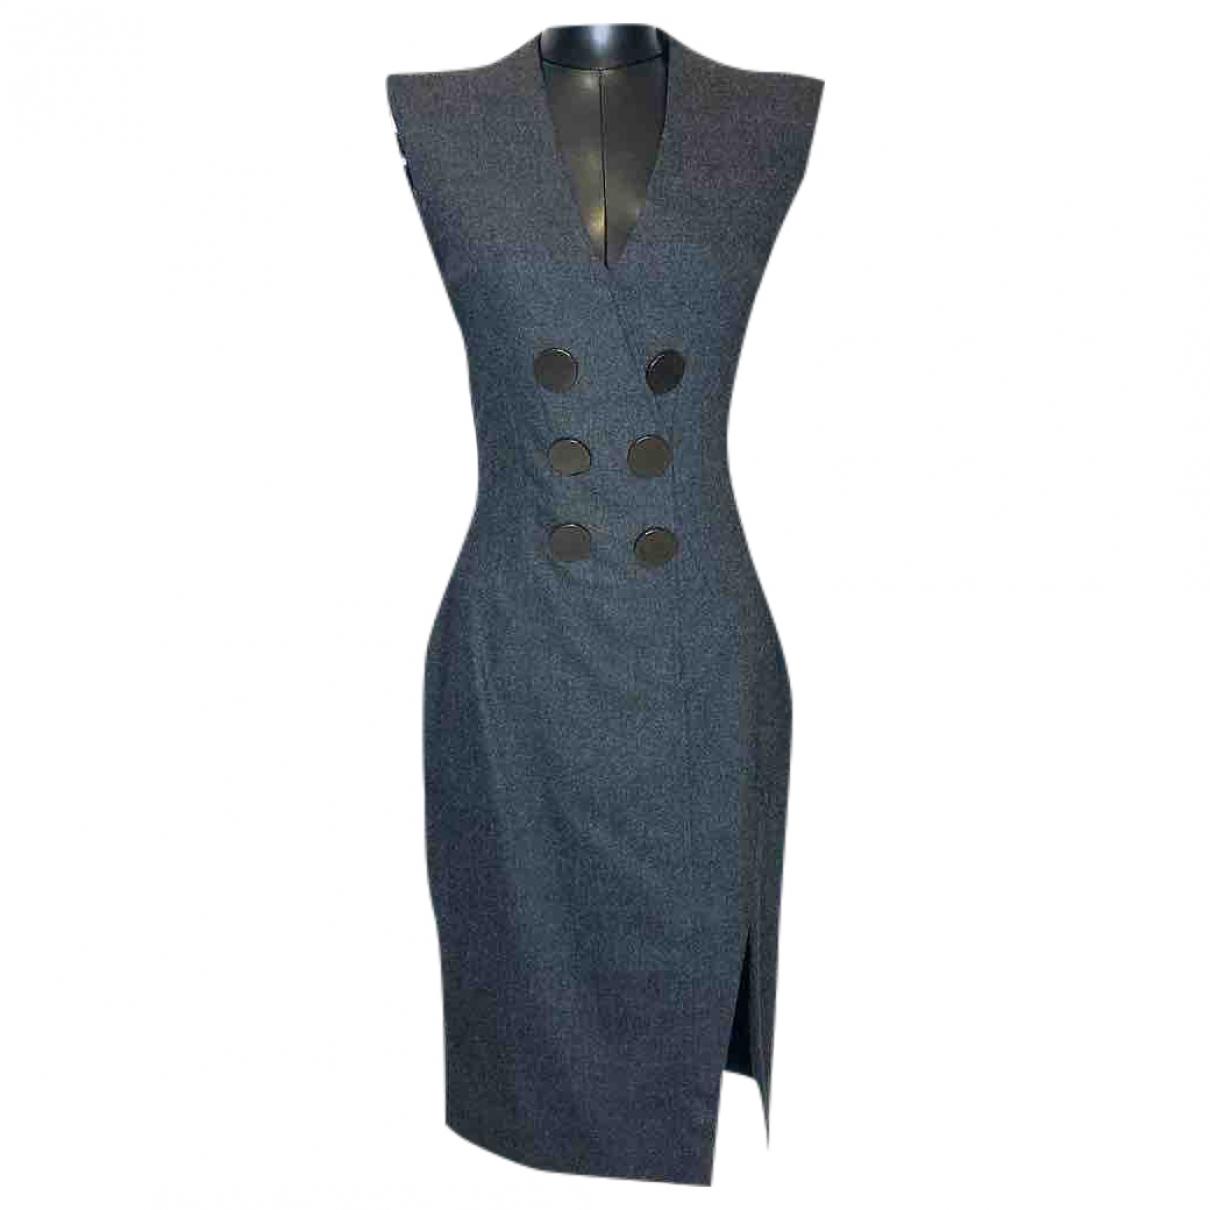 Altuzarra \N Kleid in  Grau Viskose